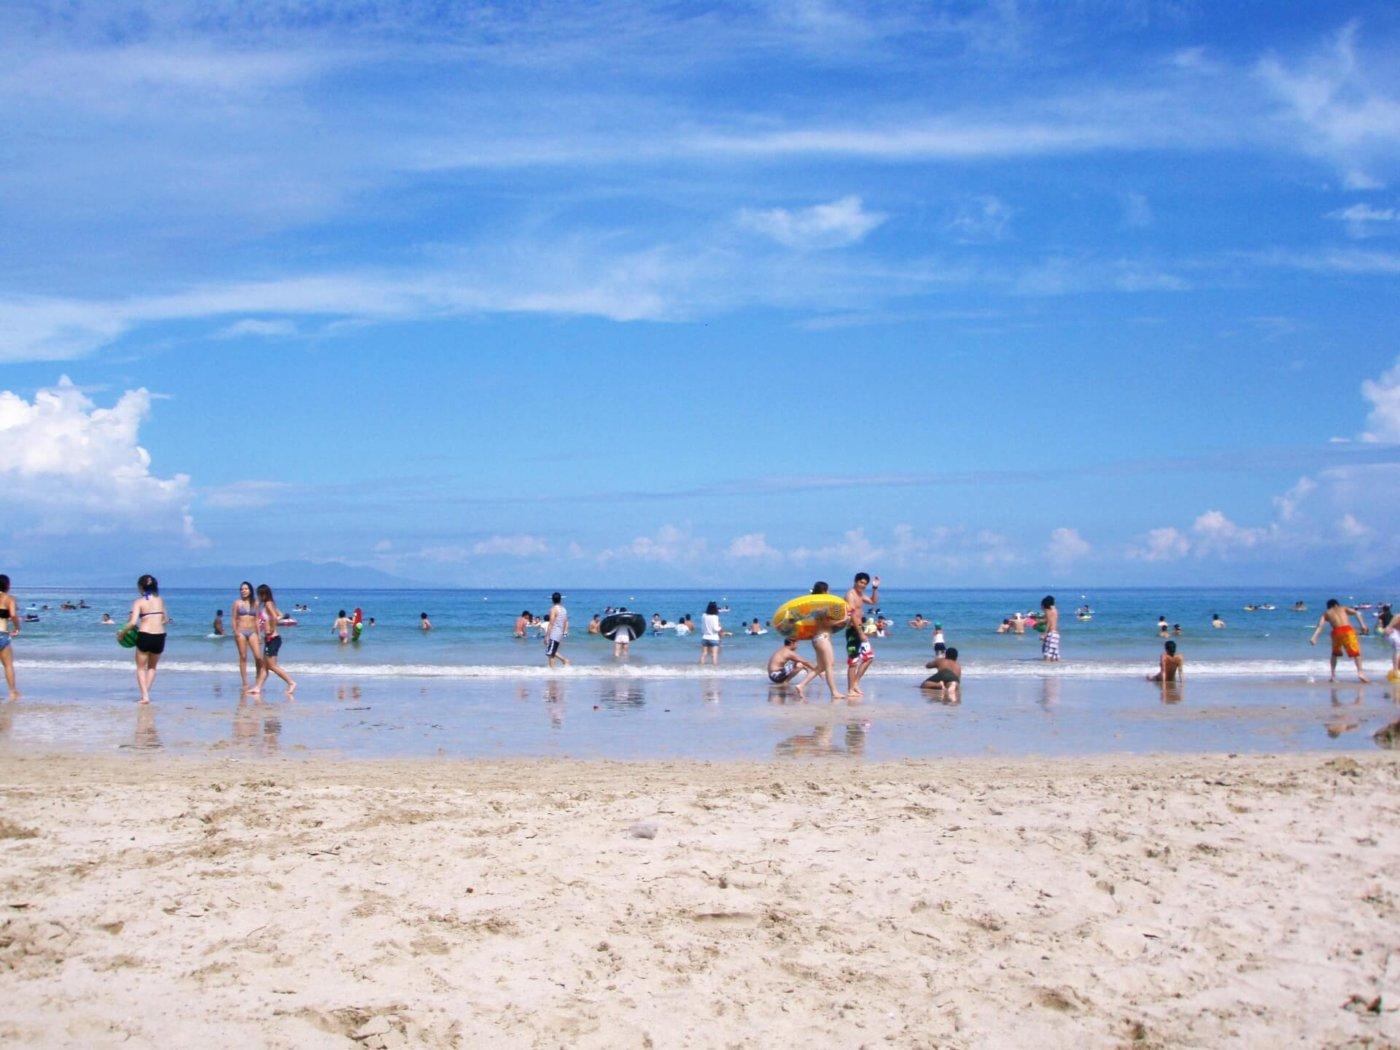 夏に行きたい!人気の海水浴場3選